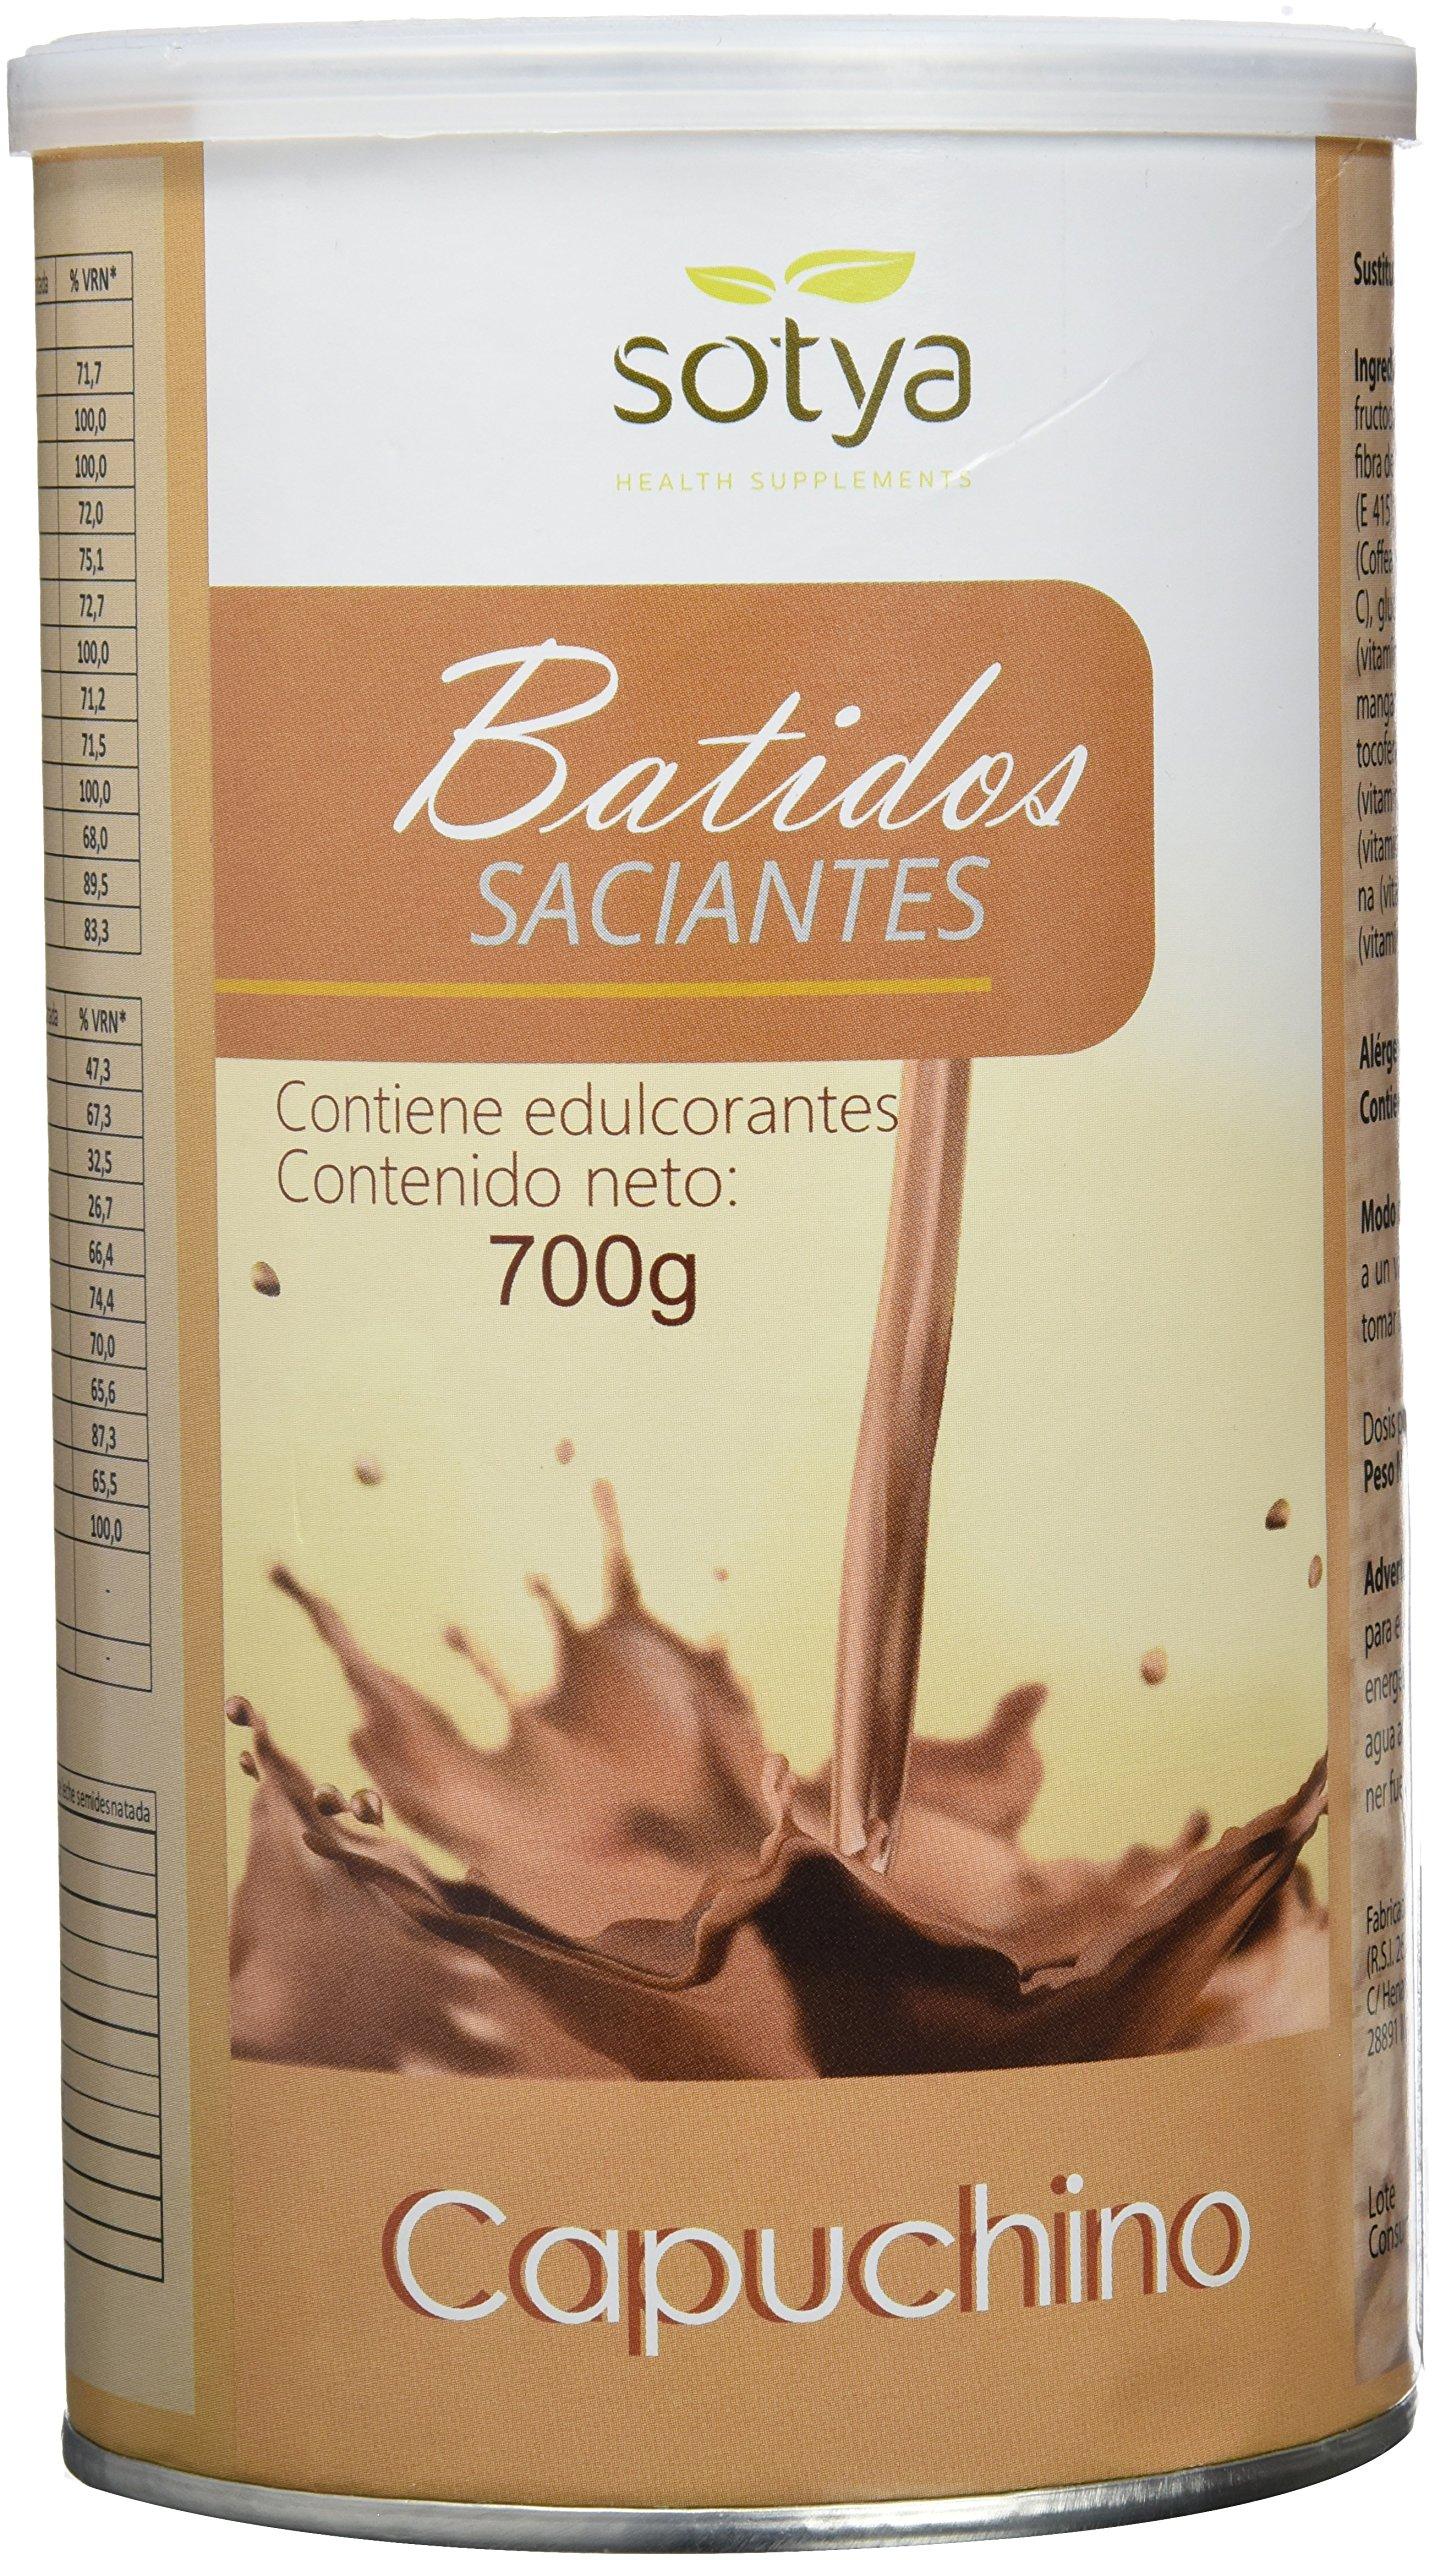 Sotya Saciantes, Batidos con sabor de Capuchino, 700 mg product image